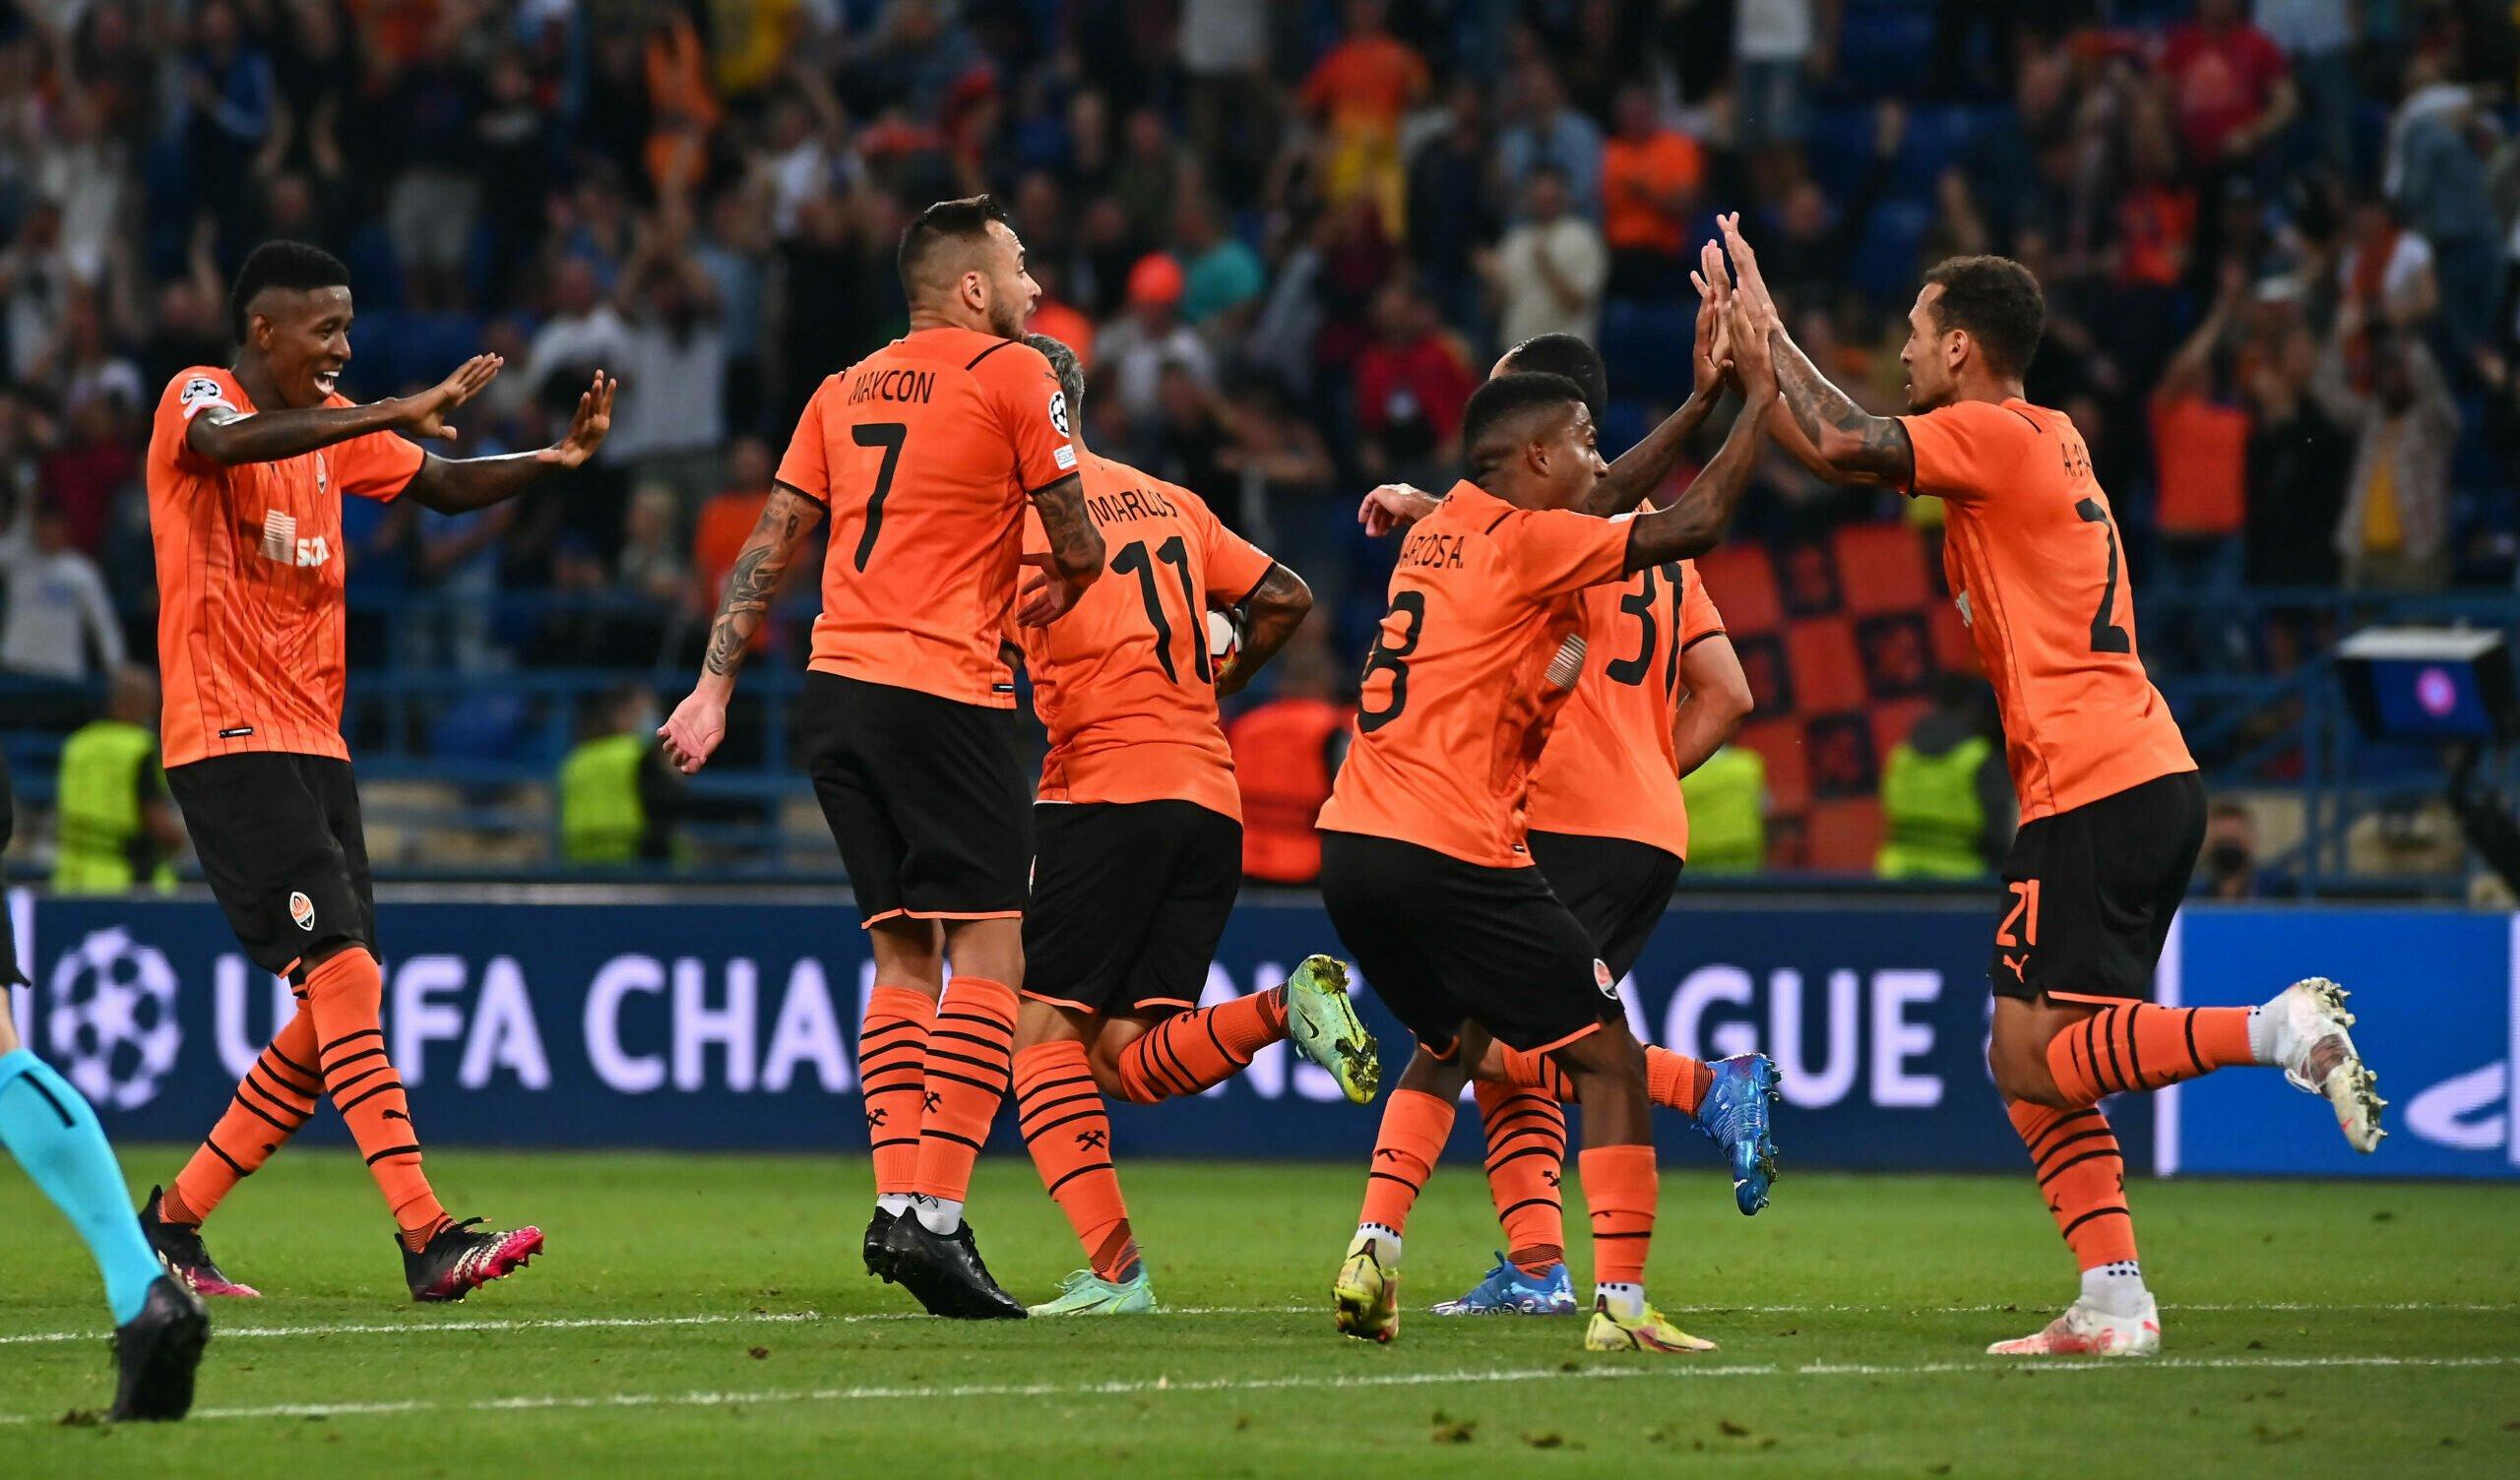 O Shakhtar arrancou uma emocionante classificação contra o Monaco e o Sheriff Tiraspol será a grande novidade na fase de grupos da Champions